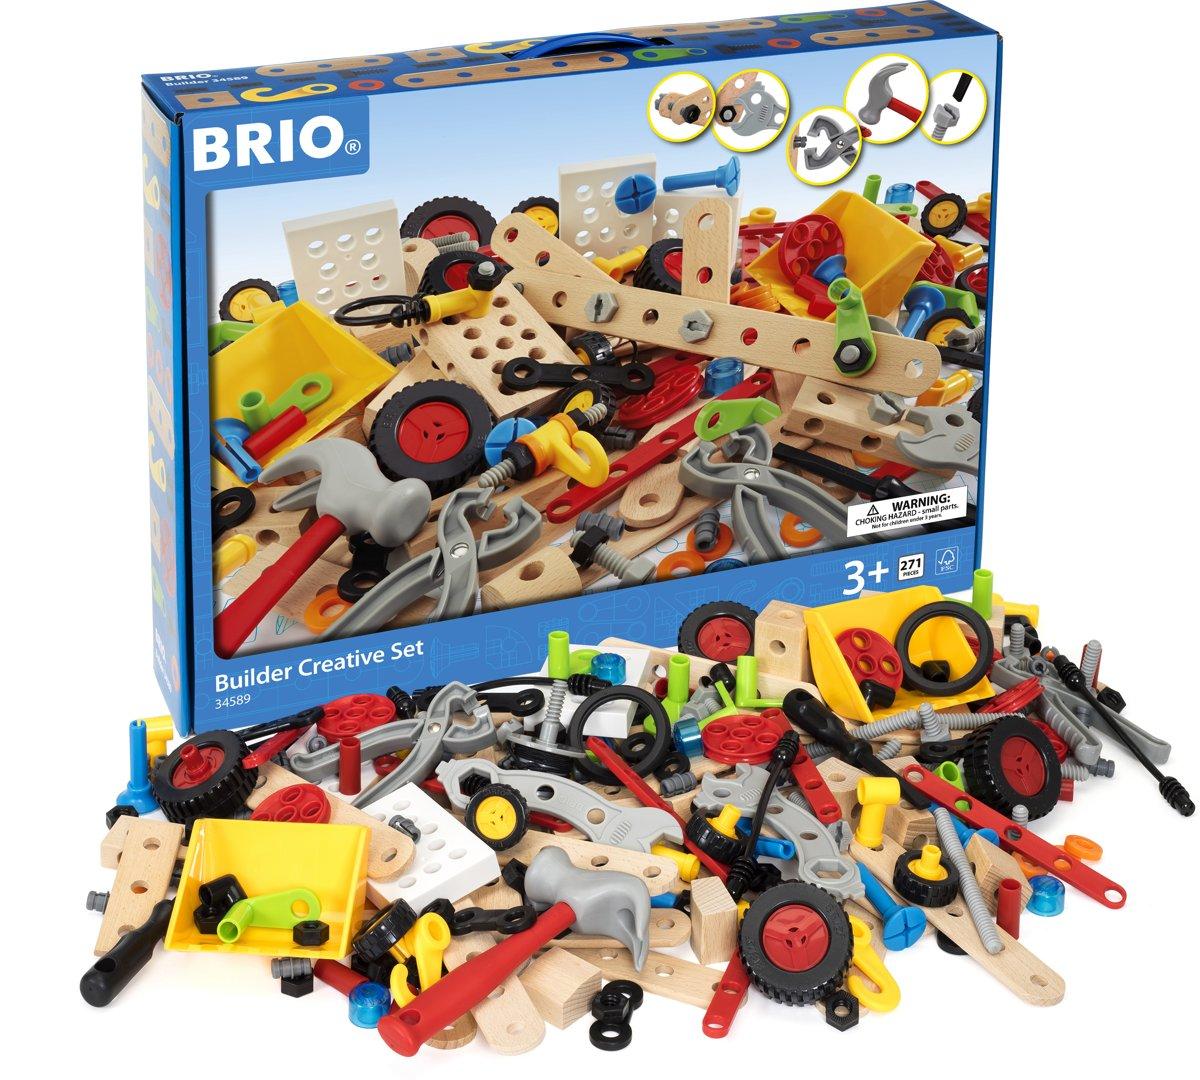 BRIO Builder- creatief - 34589